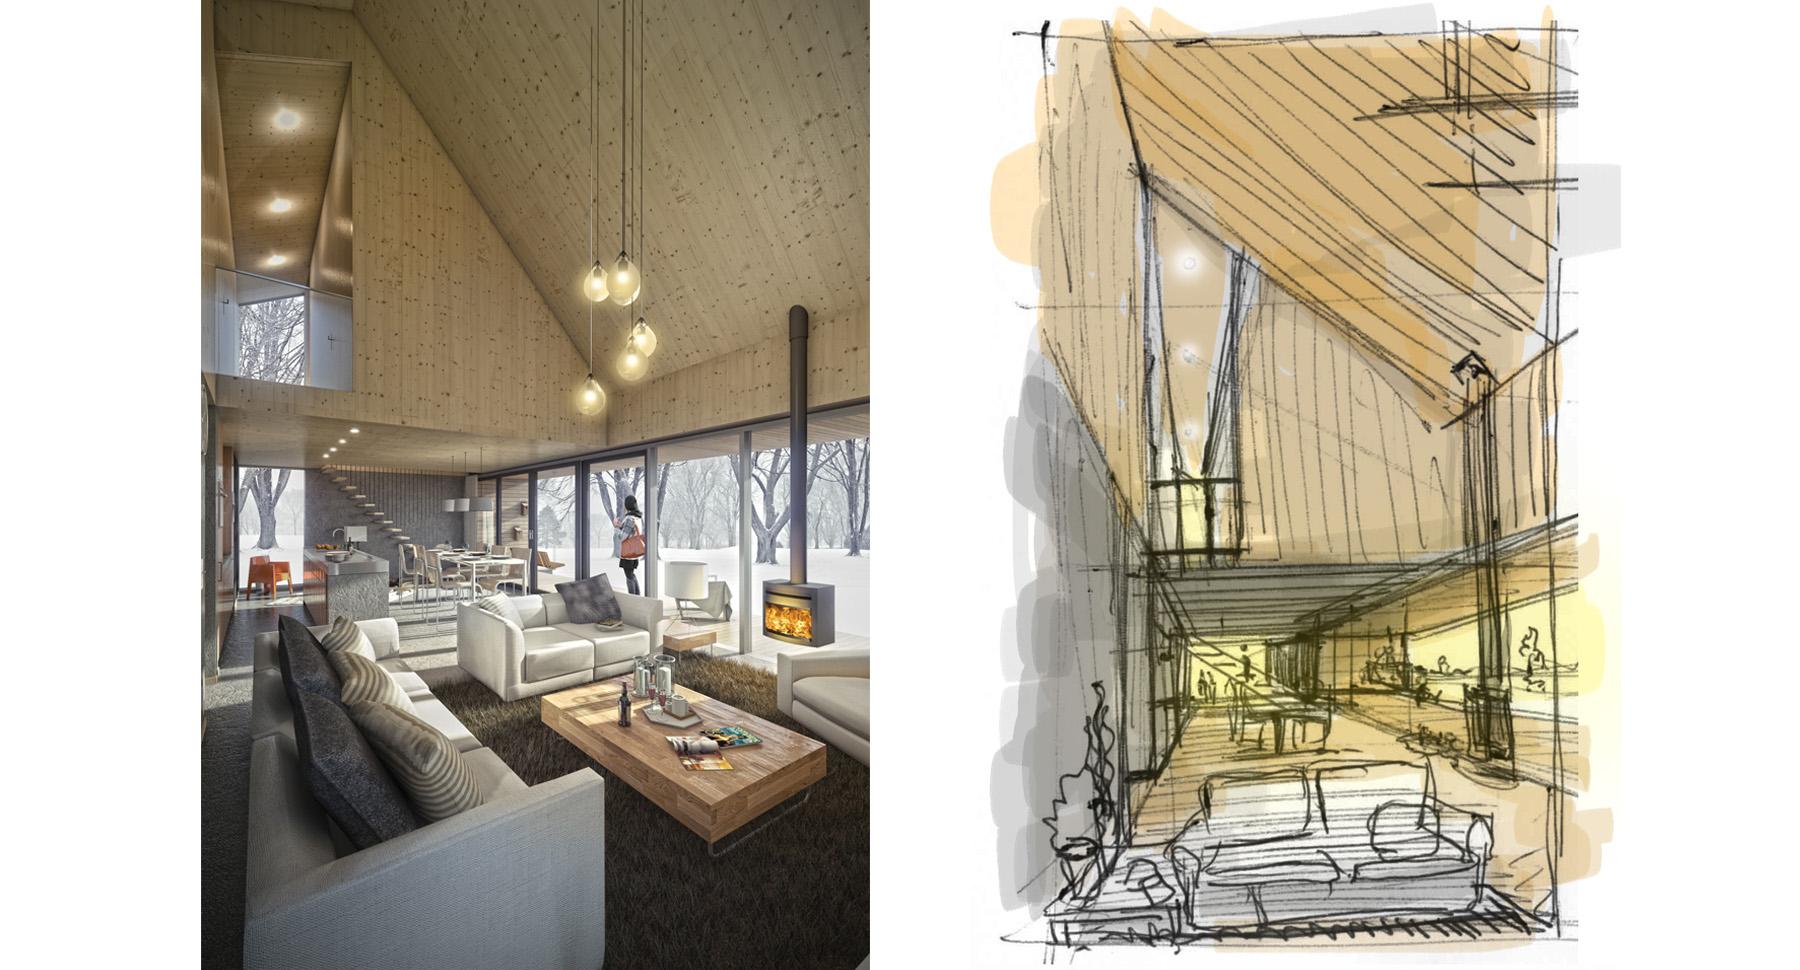 Architectuurguide 12.jpg